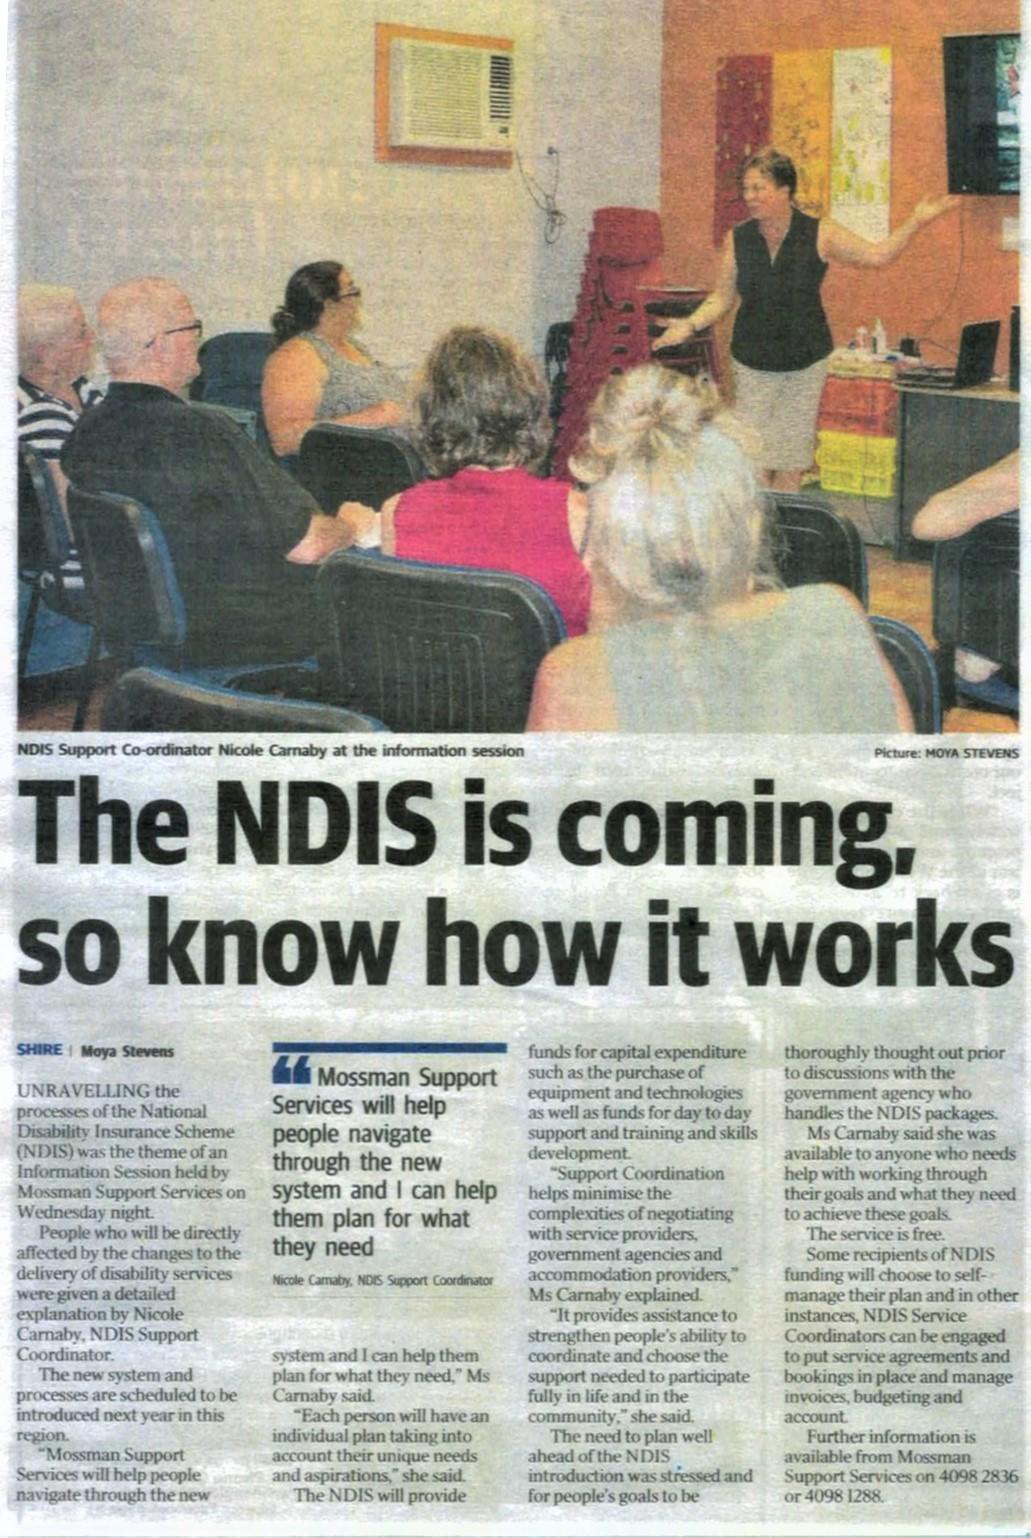 NDIS is coming Newspaper.jpg